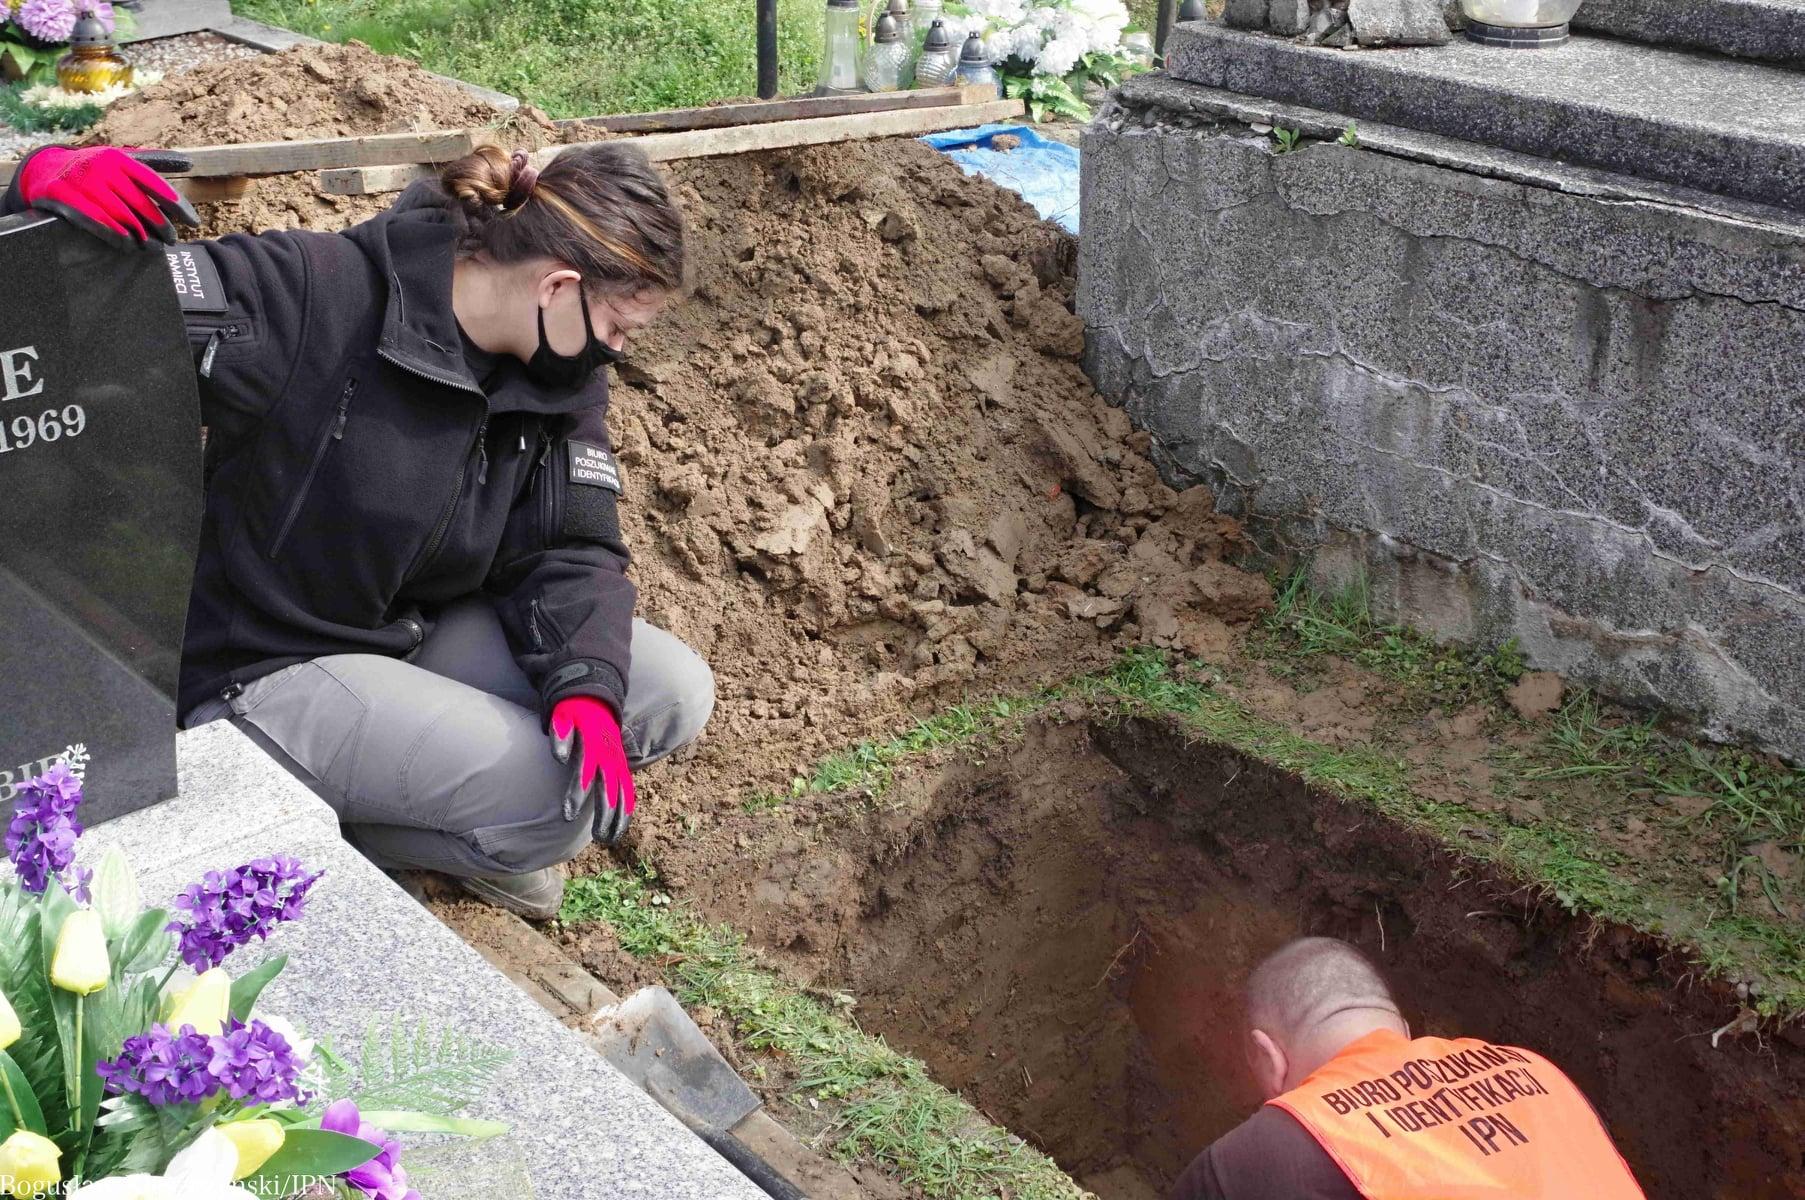 Ciała zmarłego żołnierza nigdy nie wydano rodzinie! Czy pracownicy IPN znaleźli jego szczątki? [ZDJĘCIA] - Zdjęcie główne